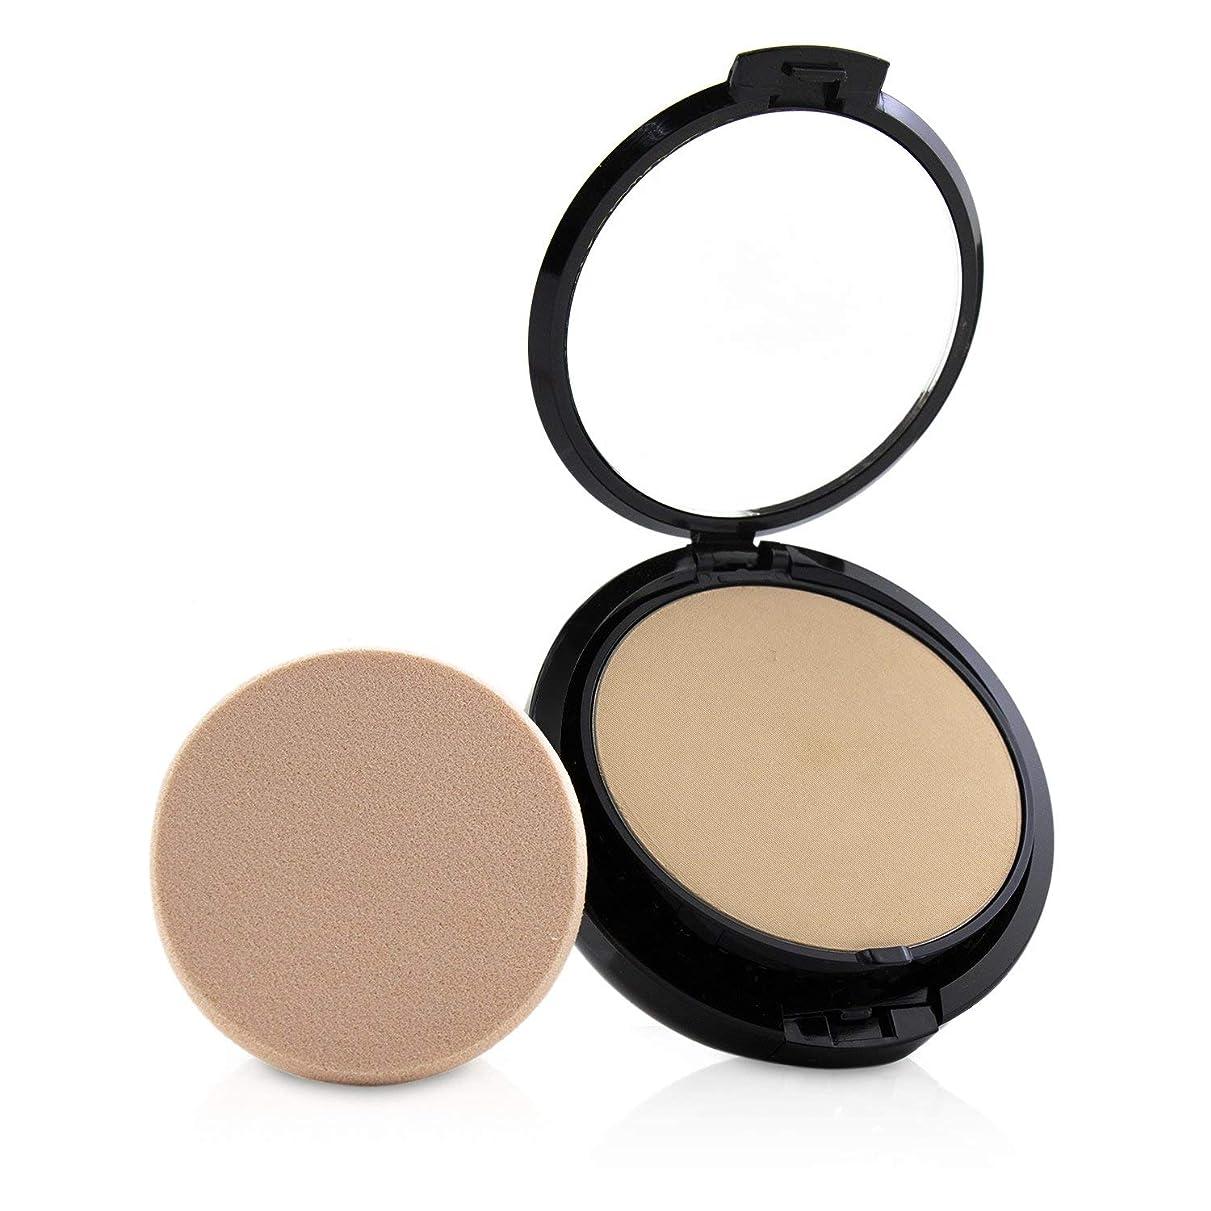 スクラップブック空中ビジュアルSCOUT Cosmetics Pressed Mineral Powder Foundation SPF 15 - # Shell 15g/0.53oz並行輸入品